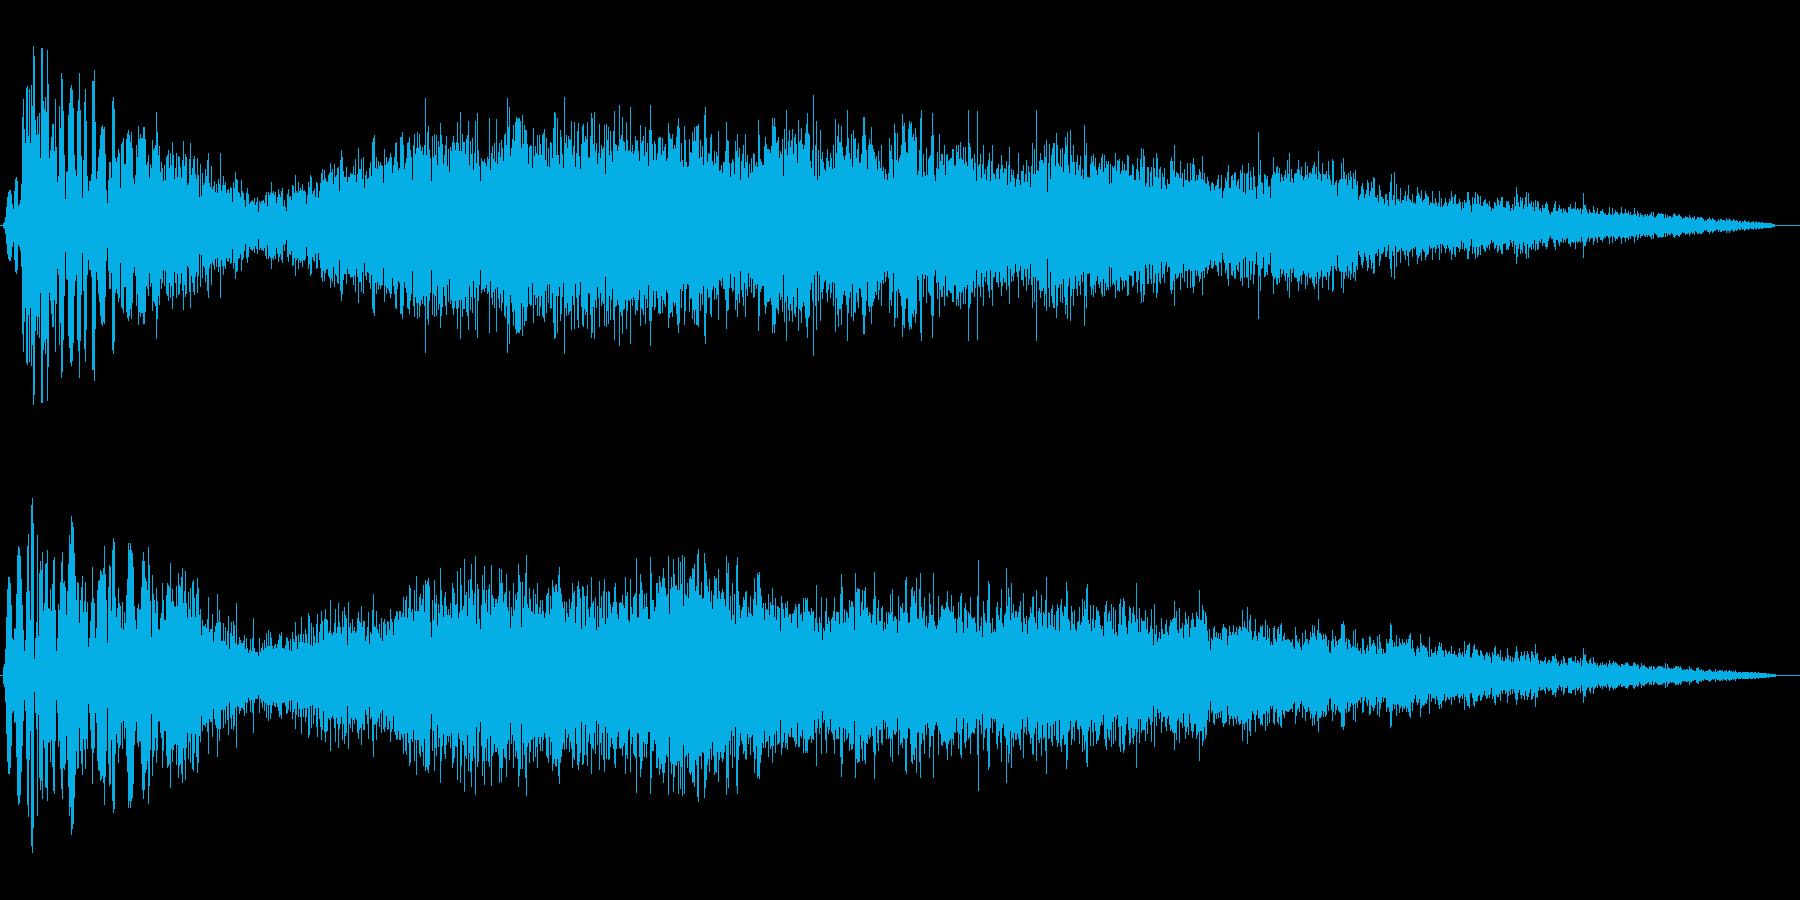 勢いよく噴出する蒸気音の再生済みの波形